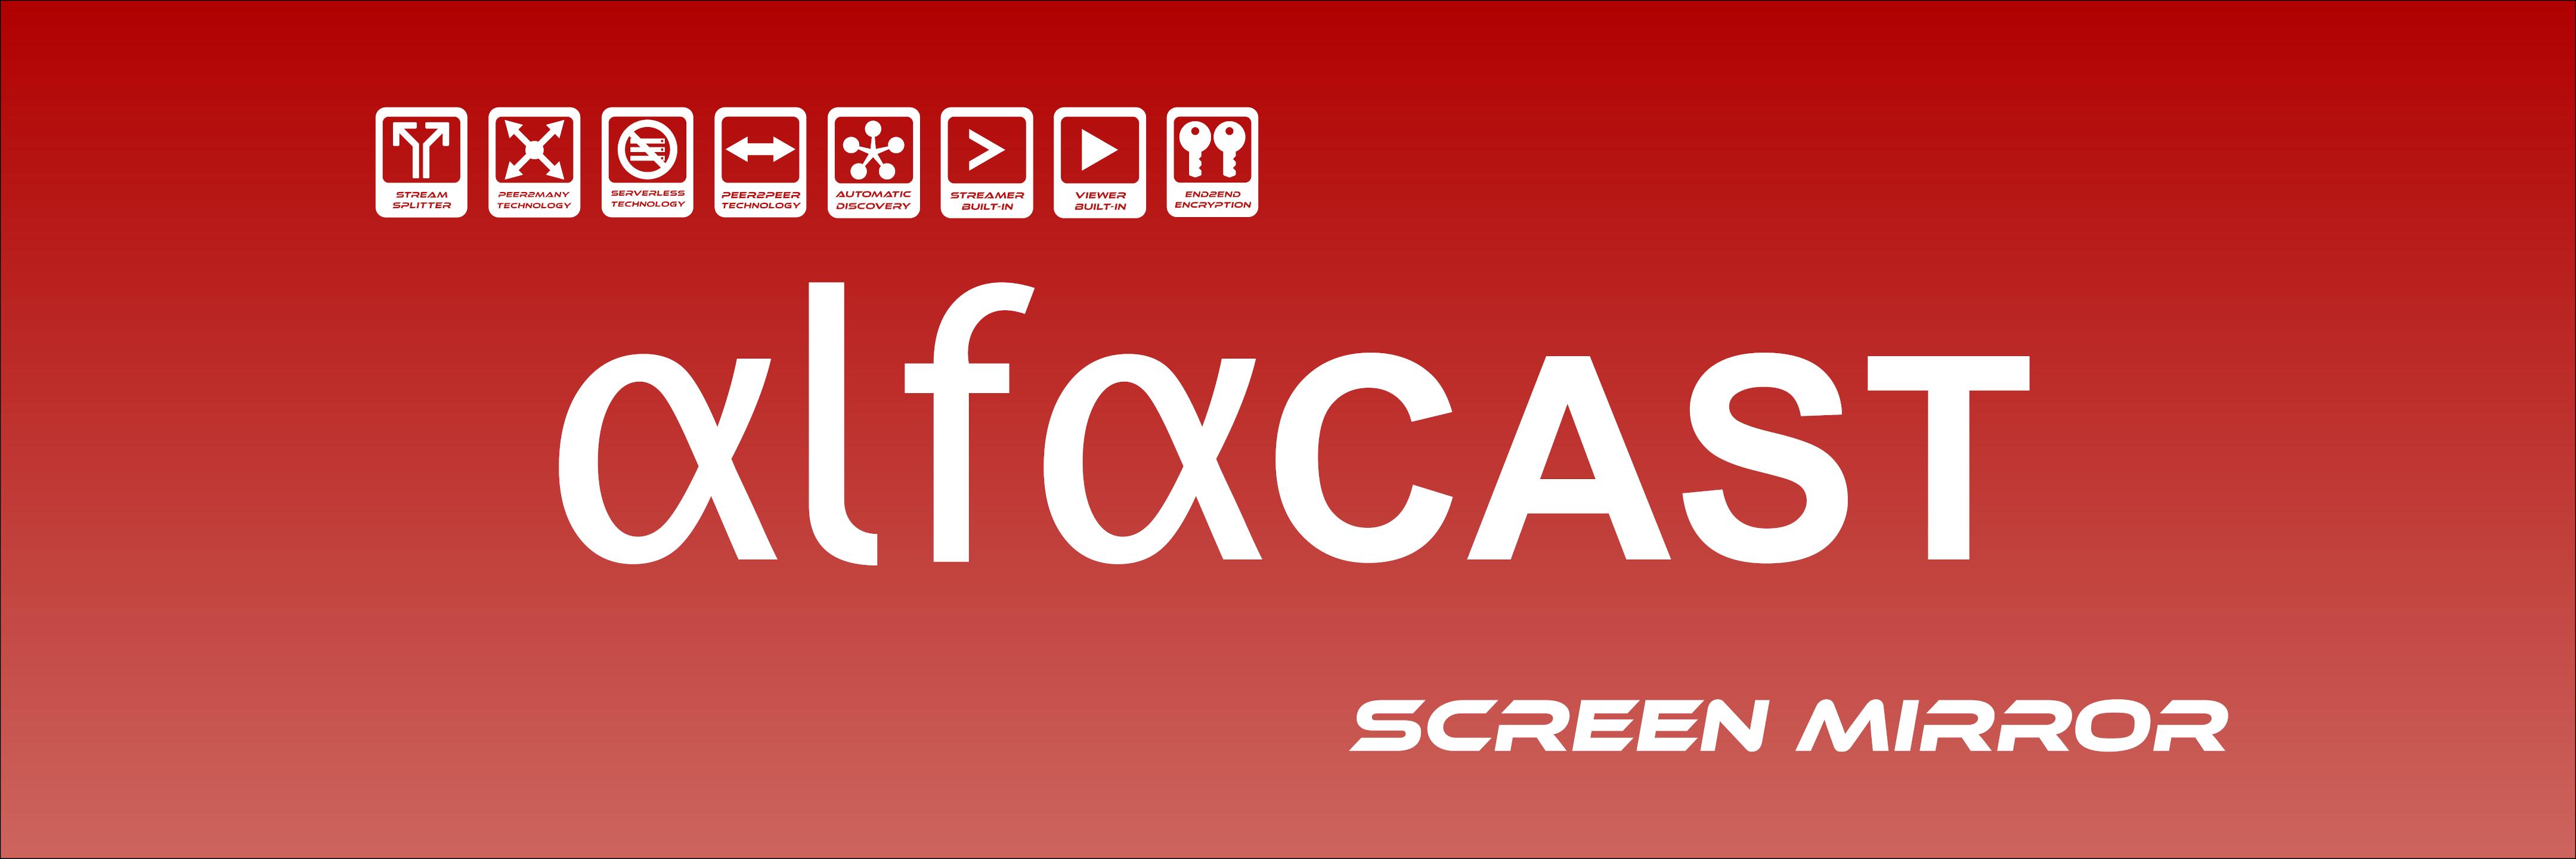 alfacast screen mirror banner